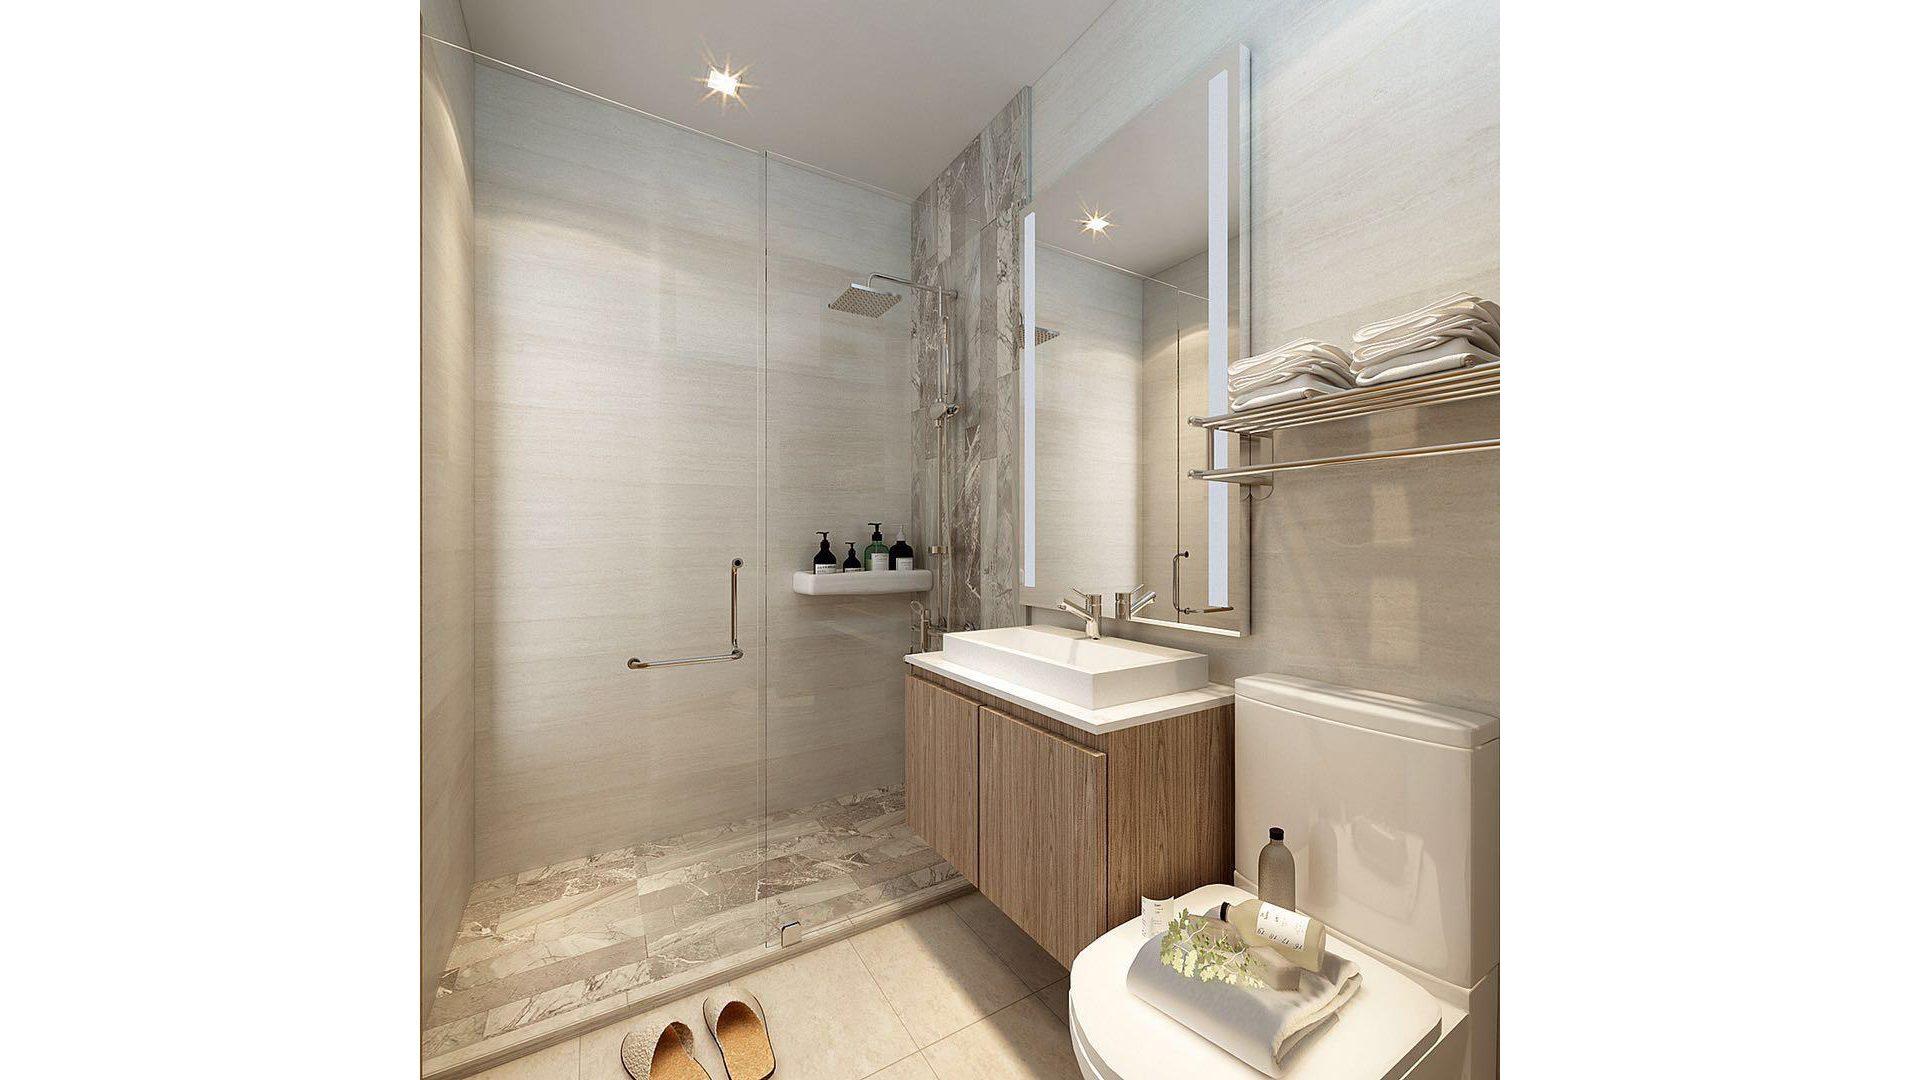 312B Clementi Ave 4_sample interior design(1920x1080)_Home Quarters SG_KC Ng Keng Chong-7